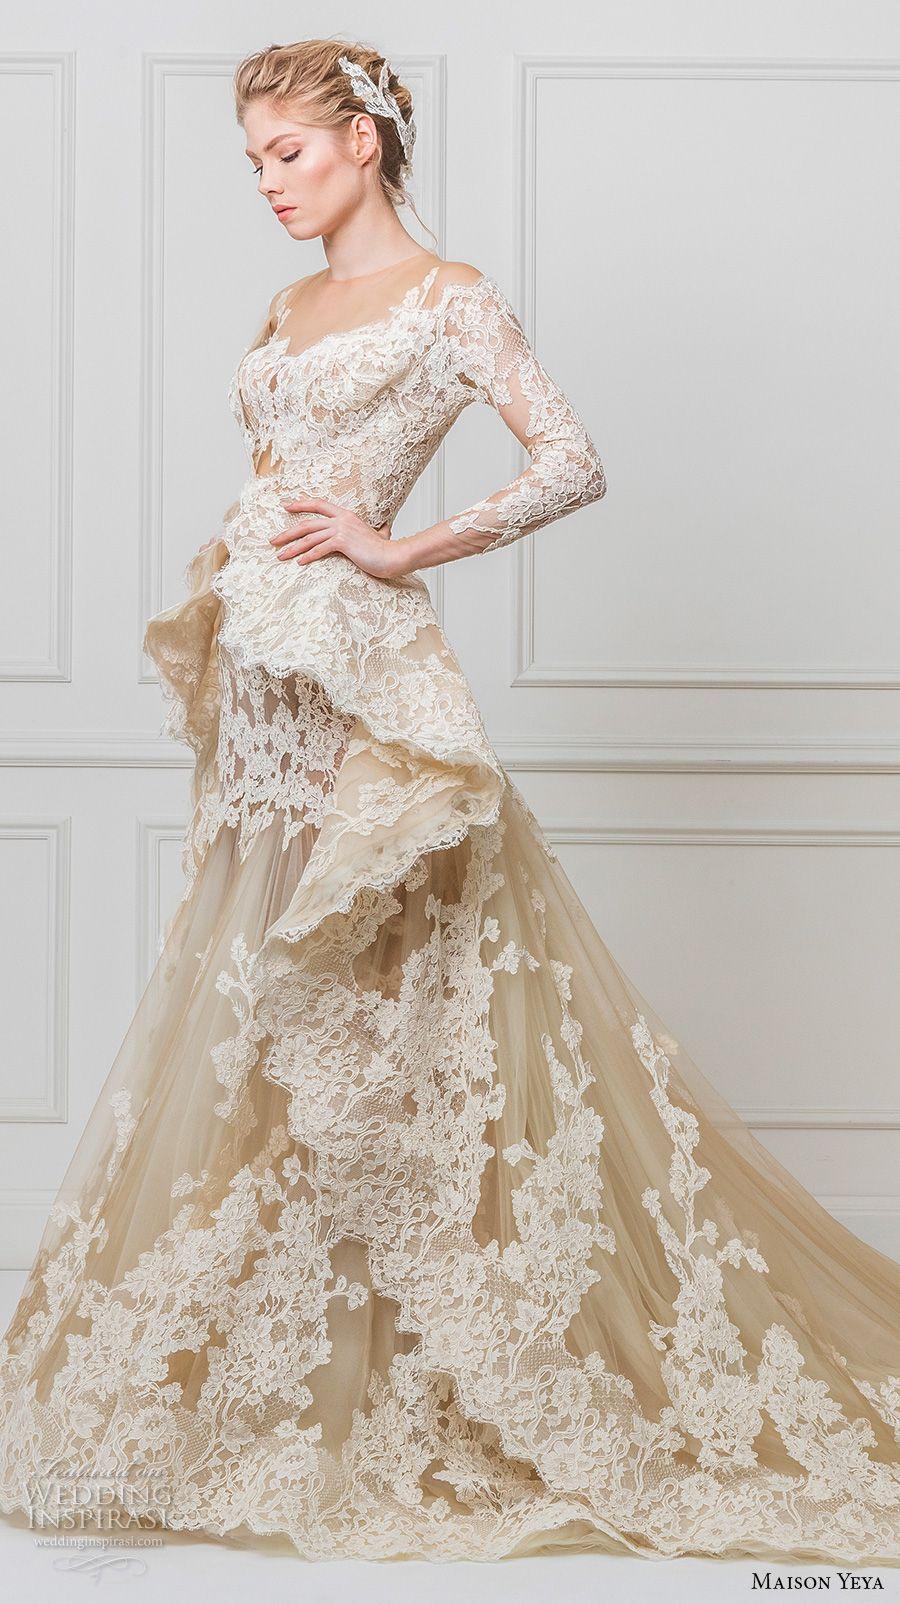 Maison Yeya 2017 Bridal Three Quarter Sleeves Illusion Jewel Off The Shoulder Full Embellishment Peplum Ivory Elegant Glamourous Lace A Line Wedding Dress